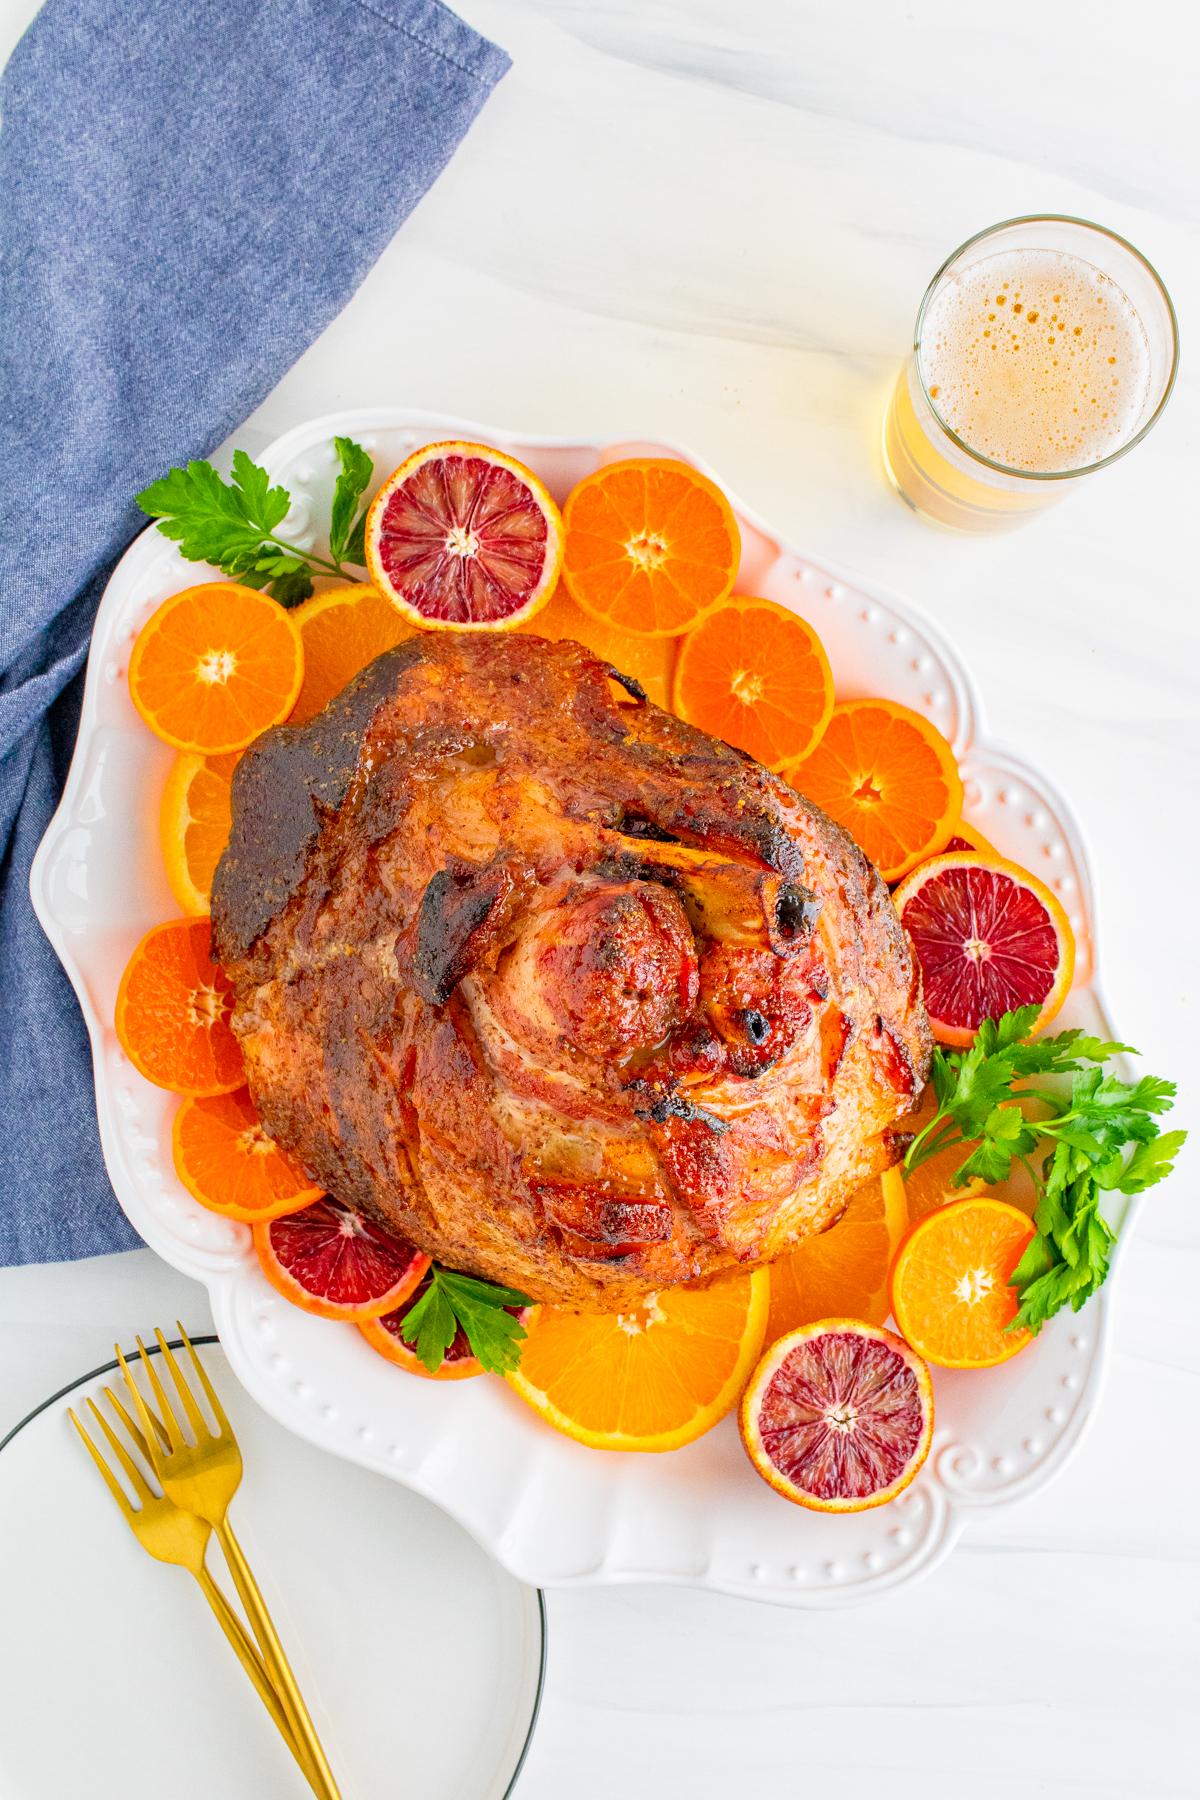 Overhead of finished Honey Baked Ham on oranges